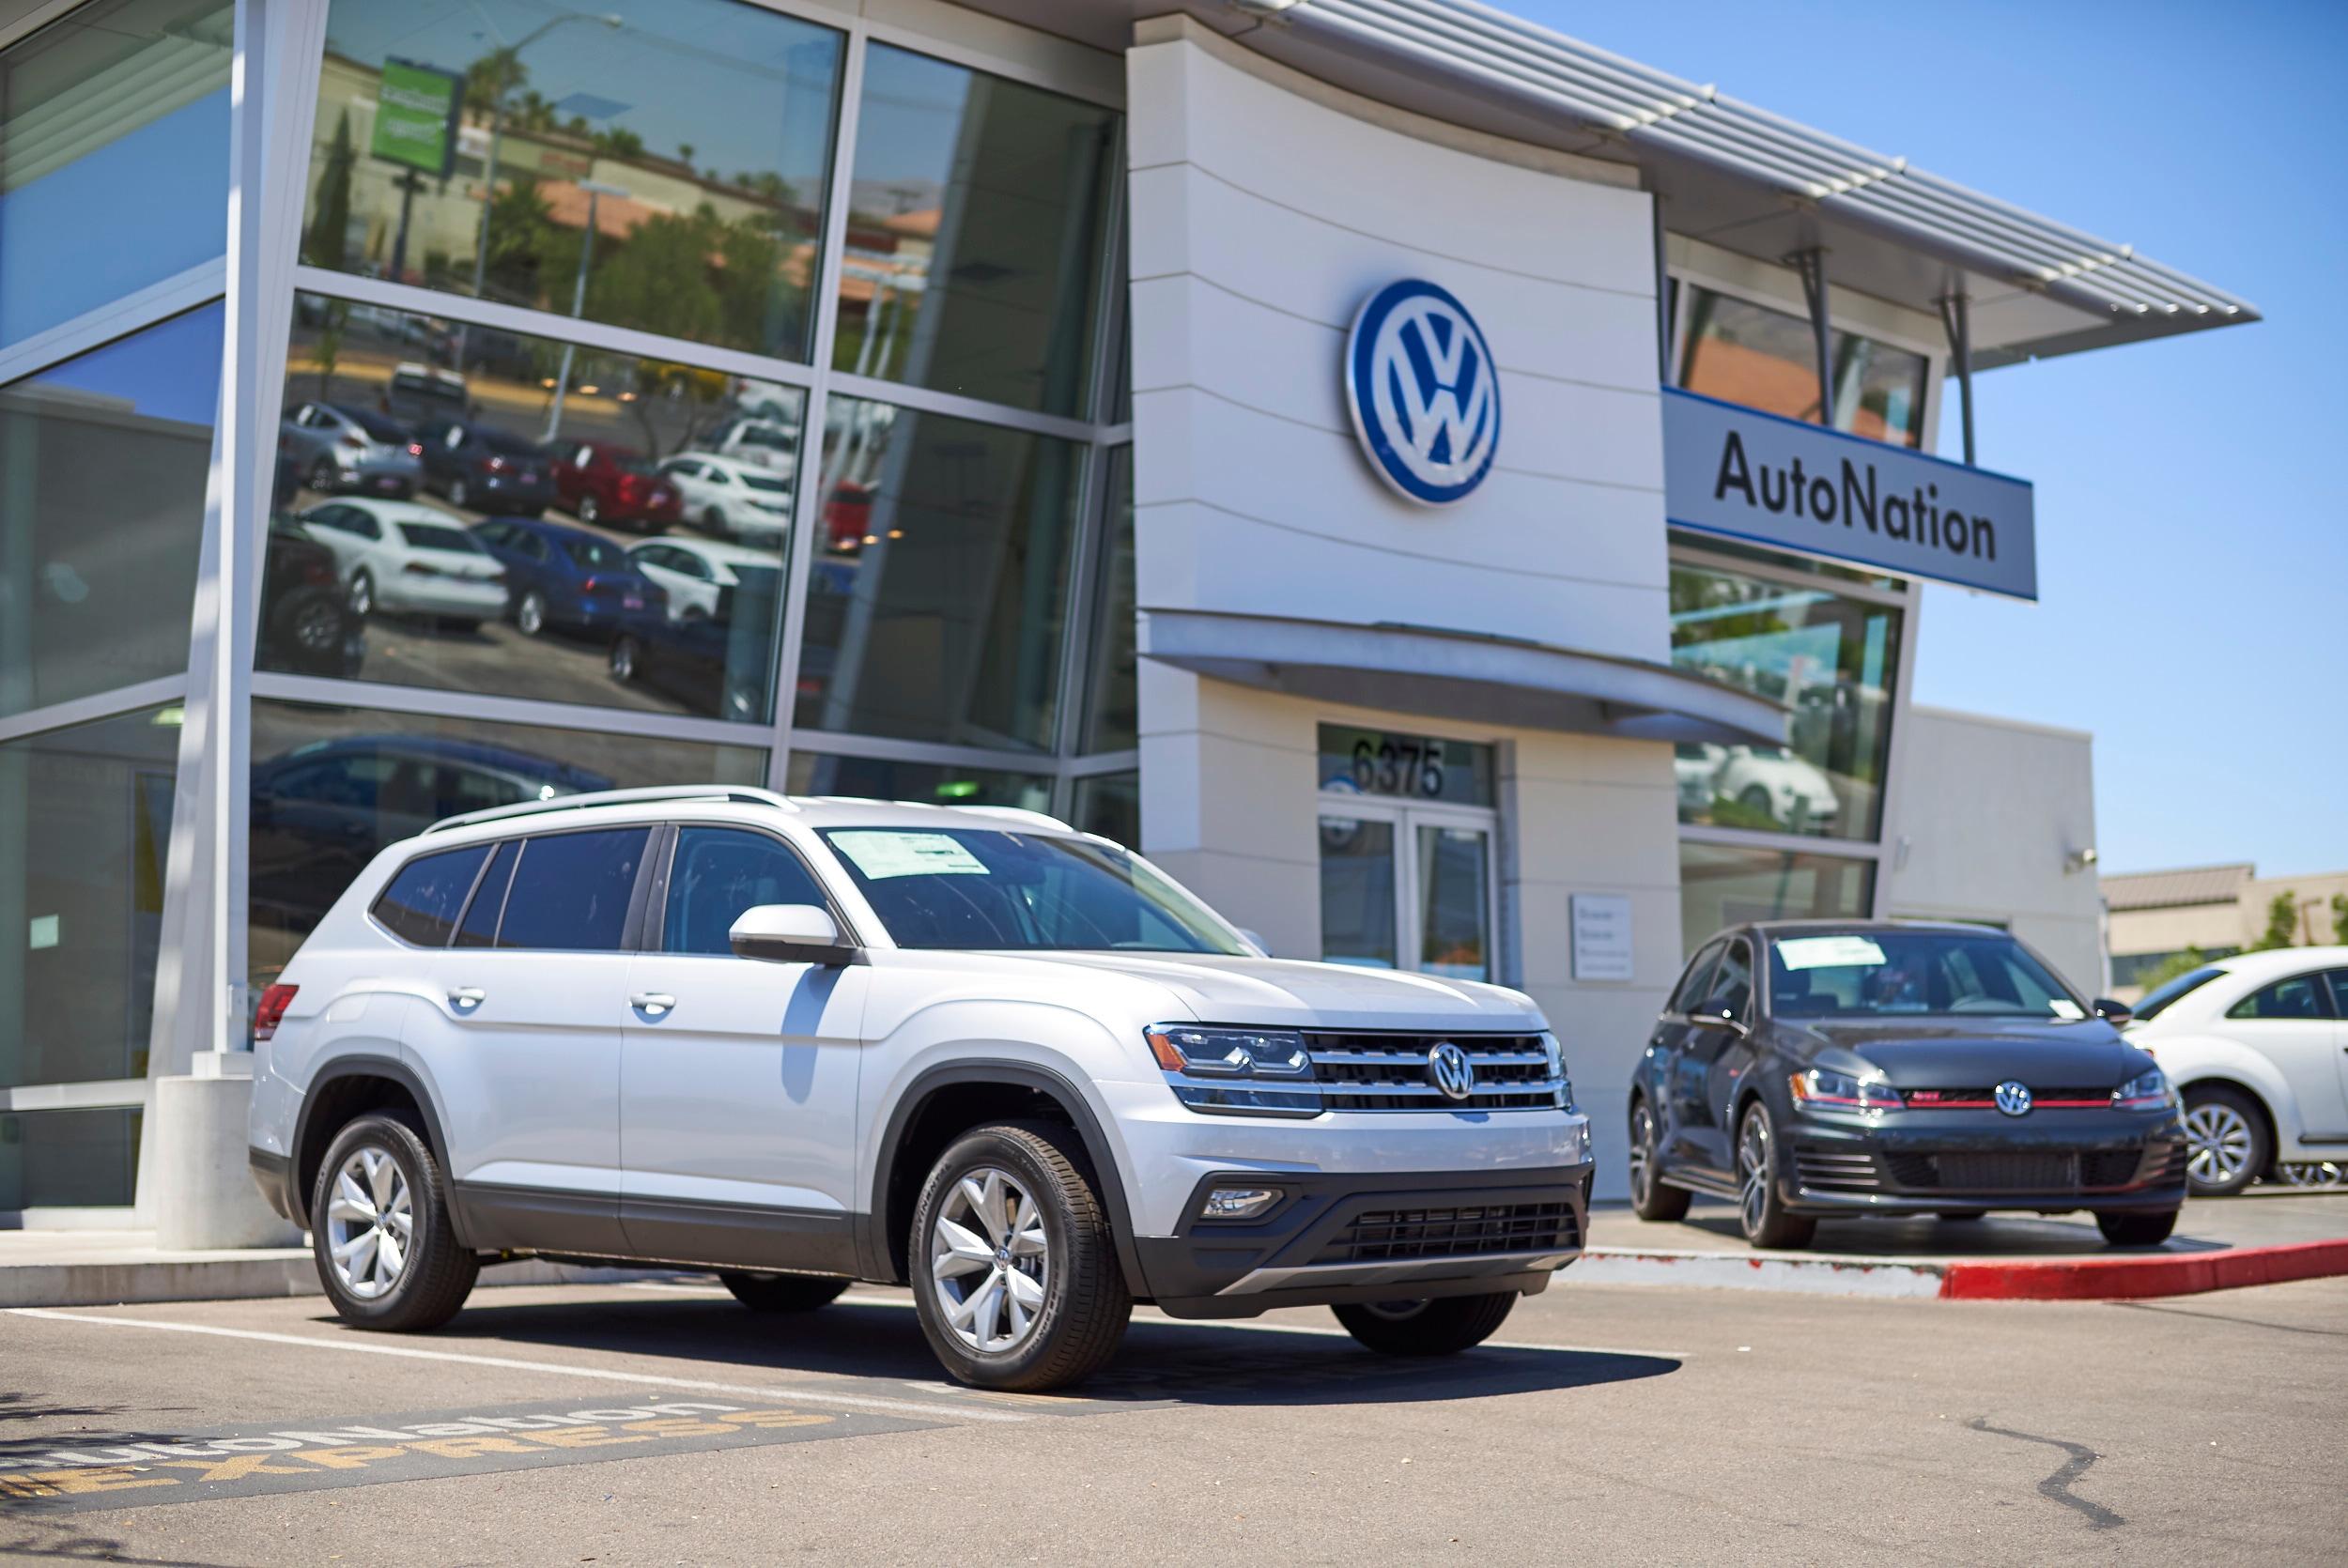 Las Vegas Volkswagen Dealer Autonation Volkswagen Las Vegas